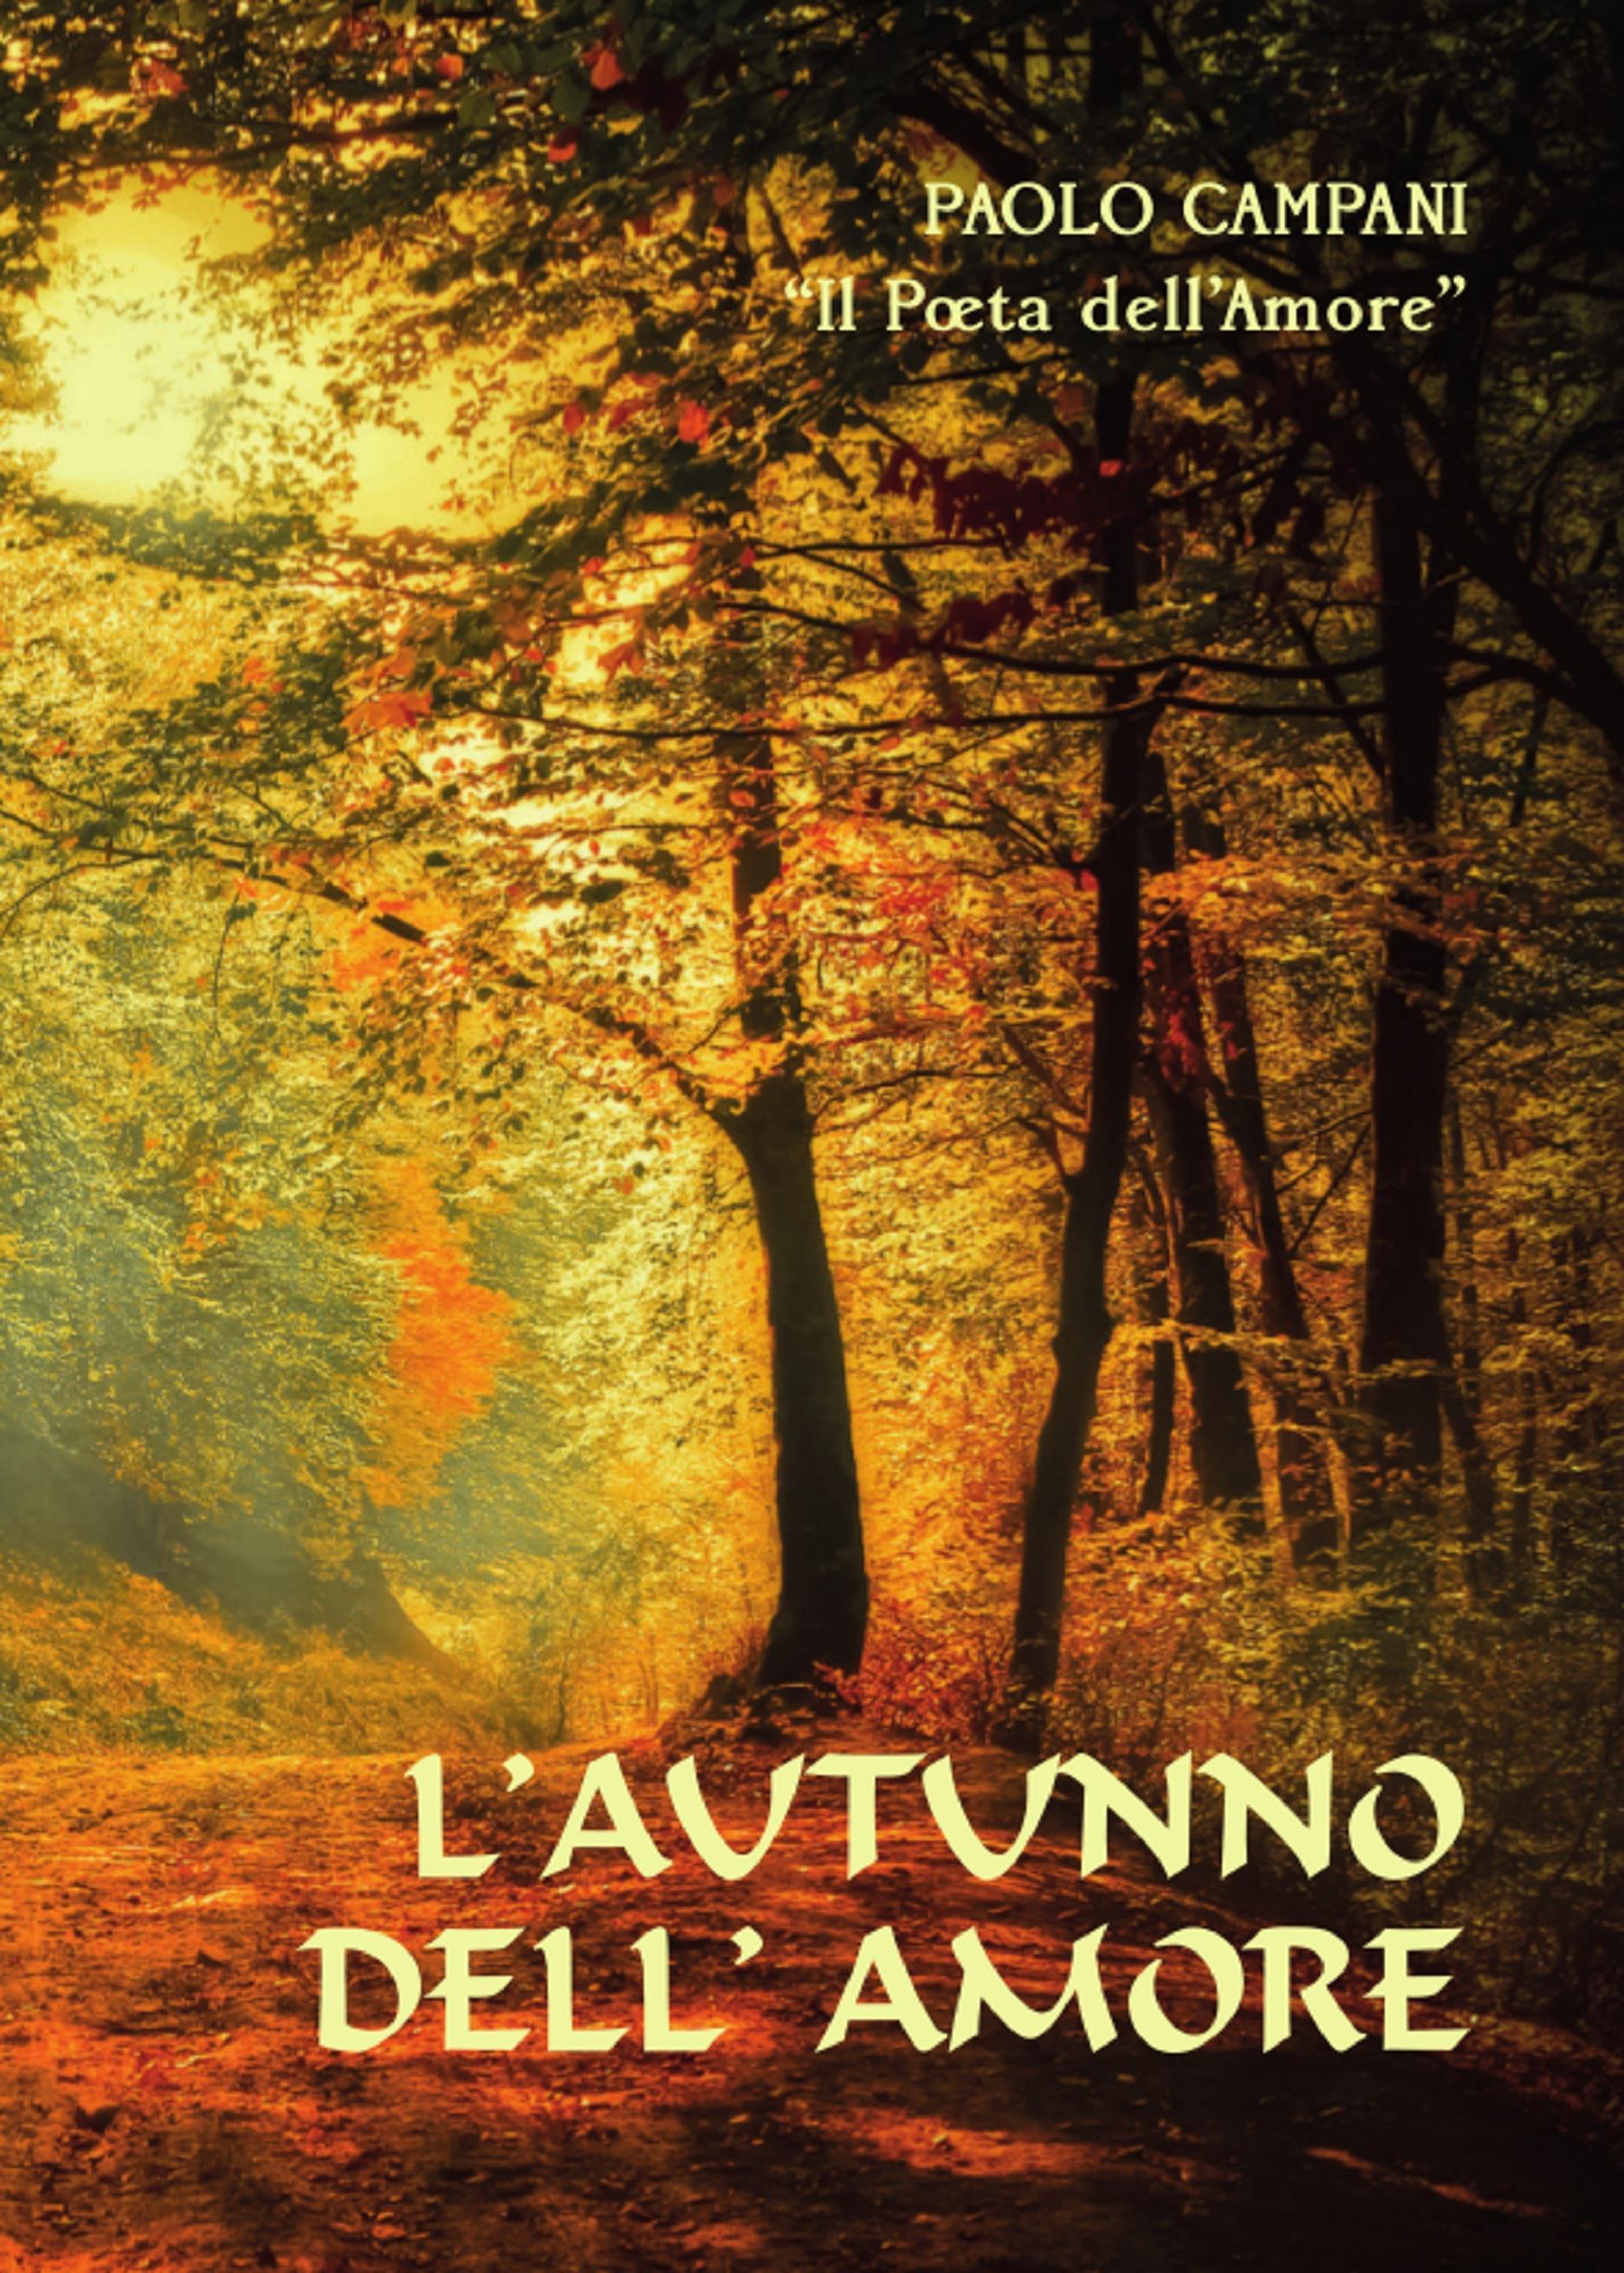 L'autunno dell'amore